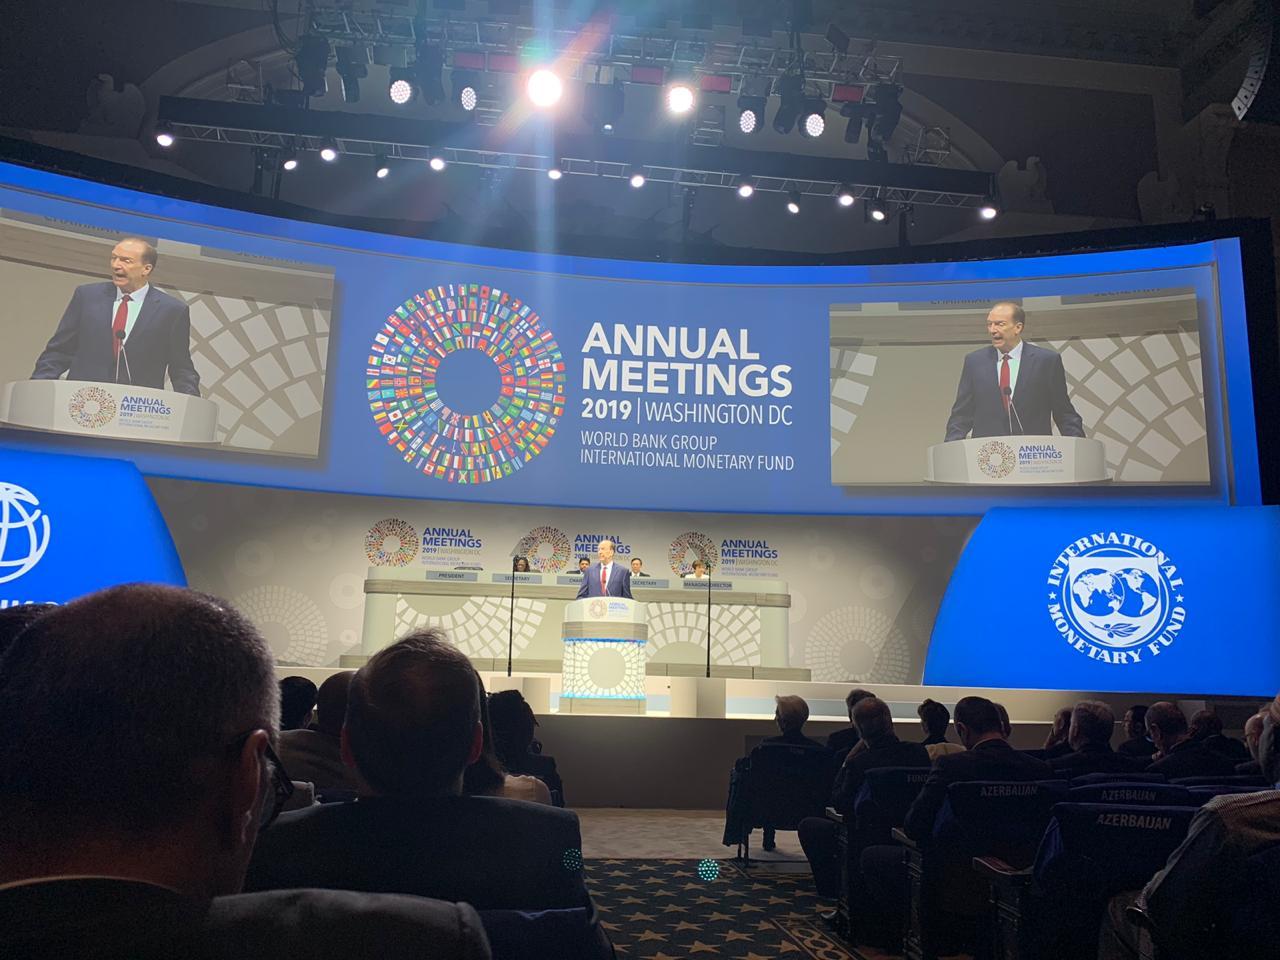 الاجتماعات السنوية للبنك وصندوق النقد الدوليين